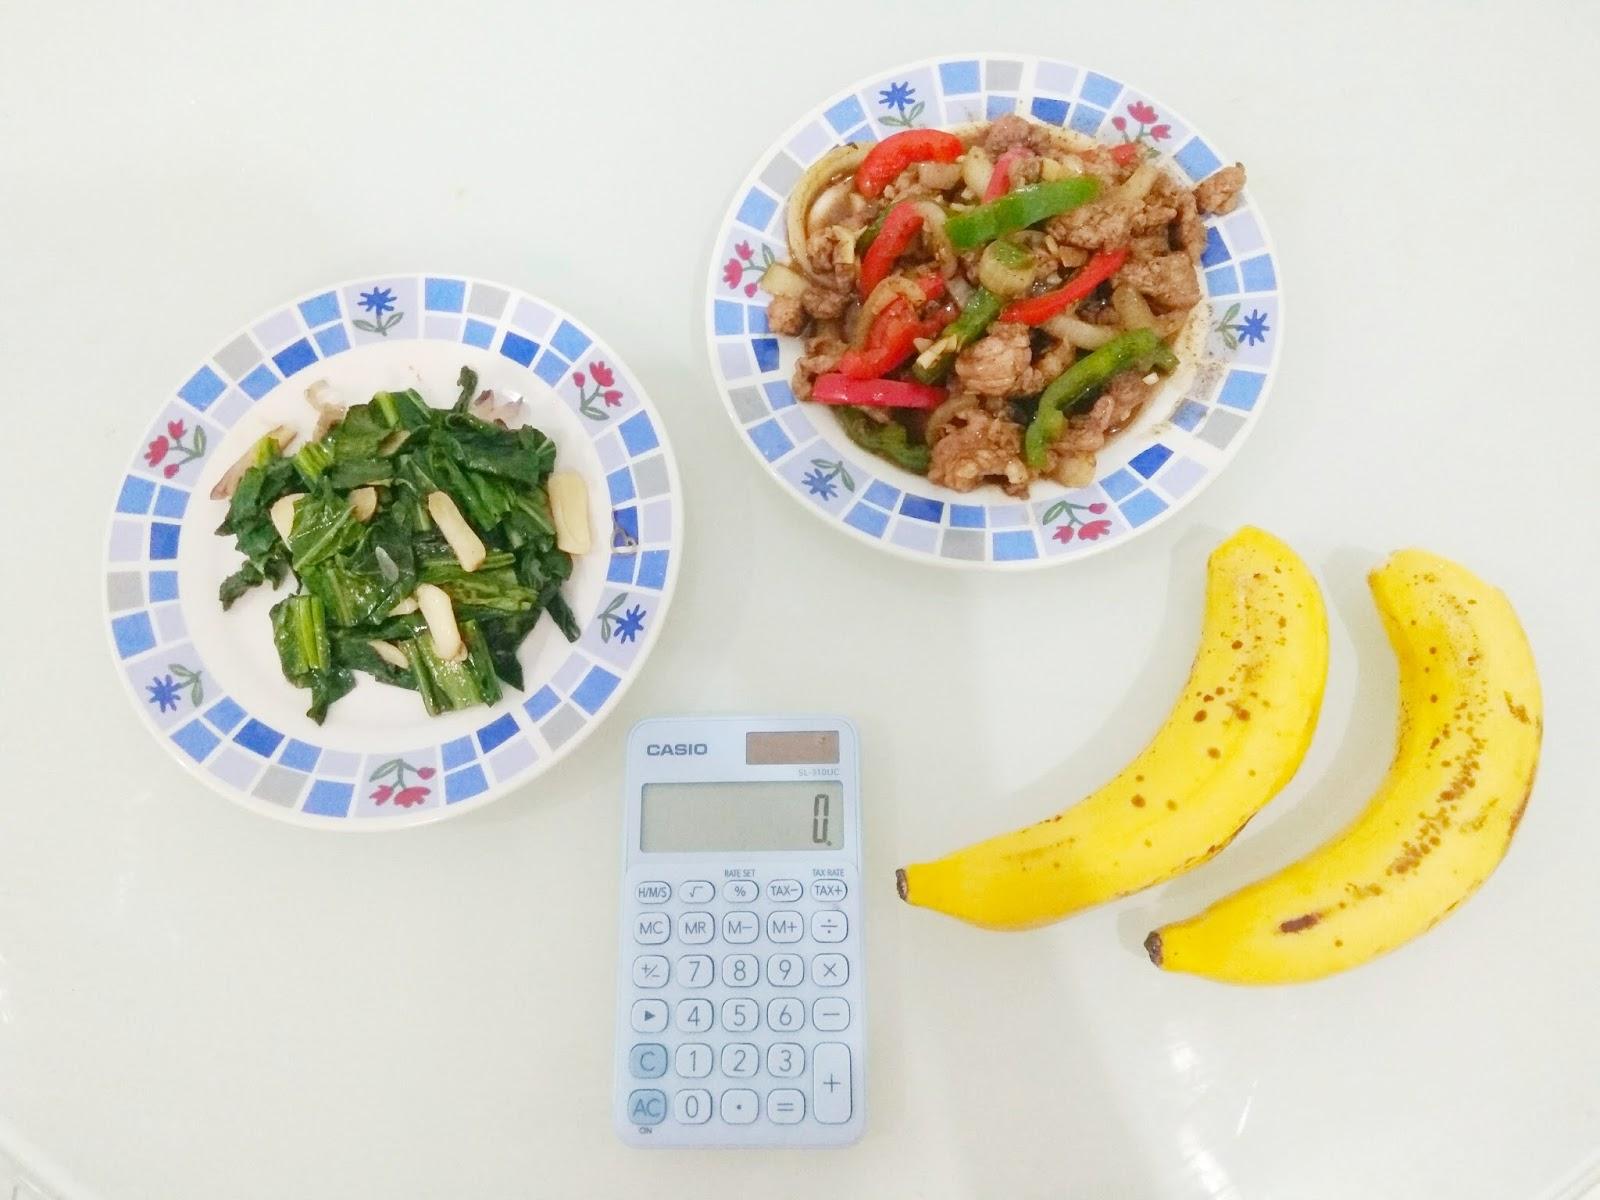 Kalkulator Kebutuhan Kalori Harian Sesuai Goal Diet, Lengkap dengan penjelasan